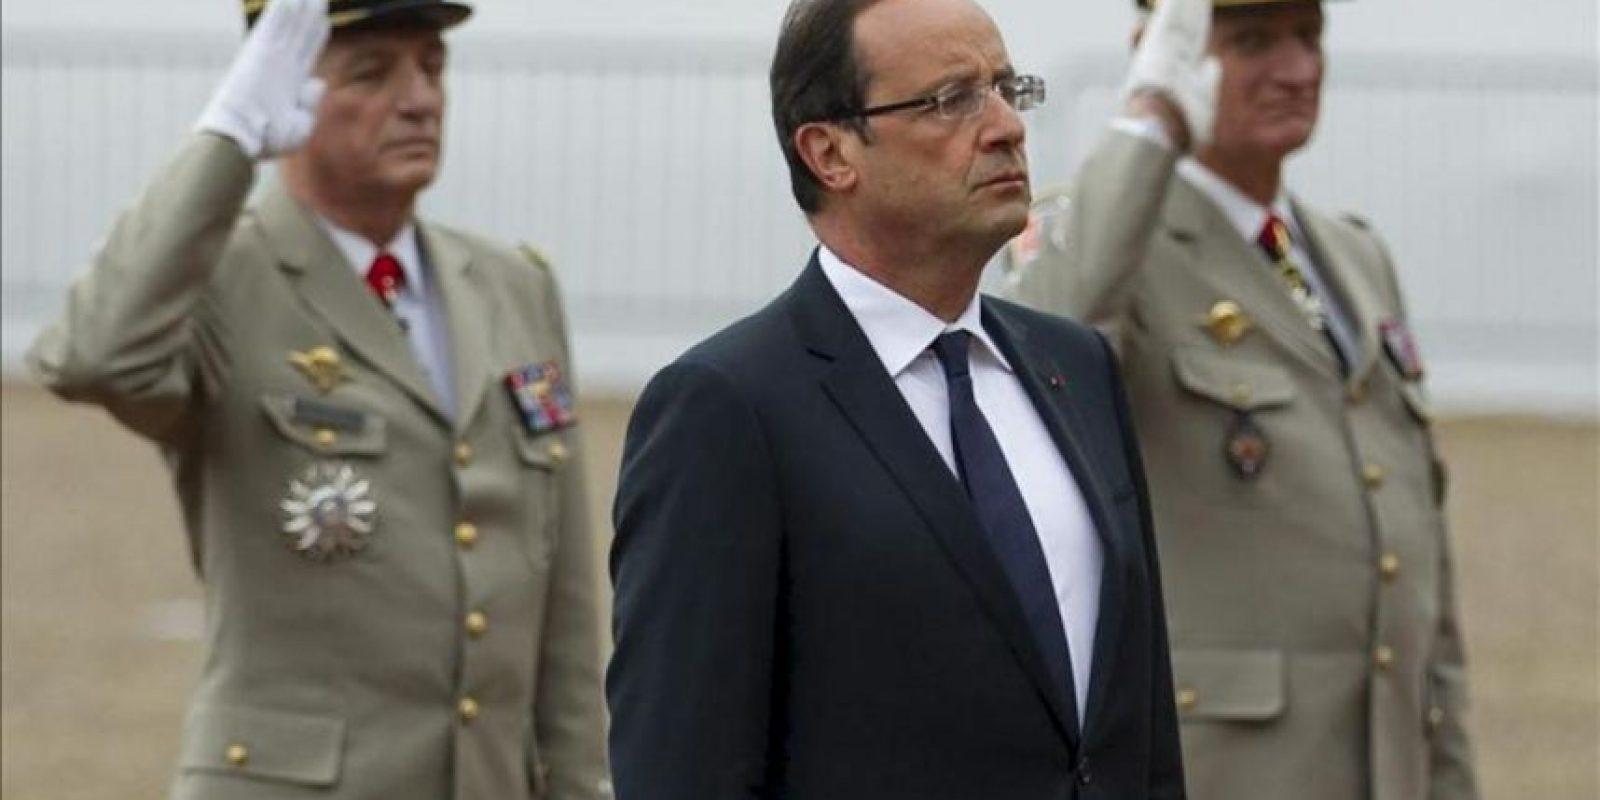 El presidente francés, François Hollande (centro), asiste a una ceremonia en memoria del 72º aniversario del discurso radiofónico de Charles de Gaulle alentando al pueblo francés a resistir la ocupación Nazi, en el monumento en Mont-Valerien, Suresnes, Francia, hoy lunes, 18 de junio de 2012. EFE